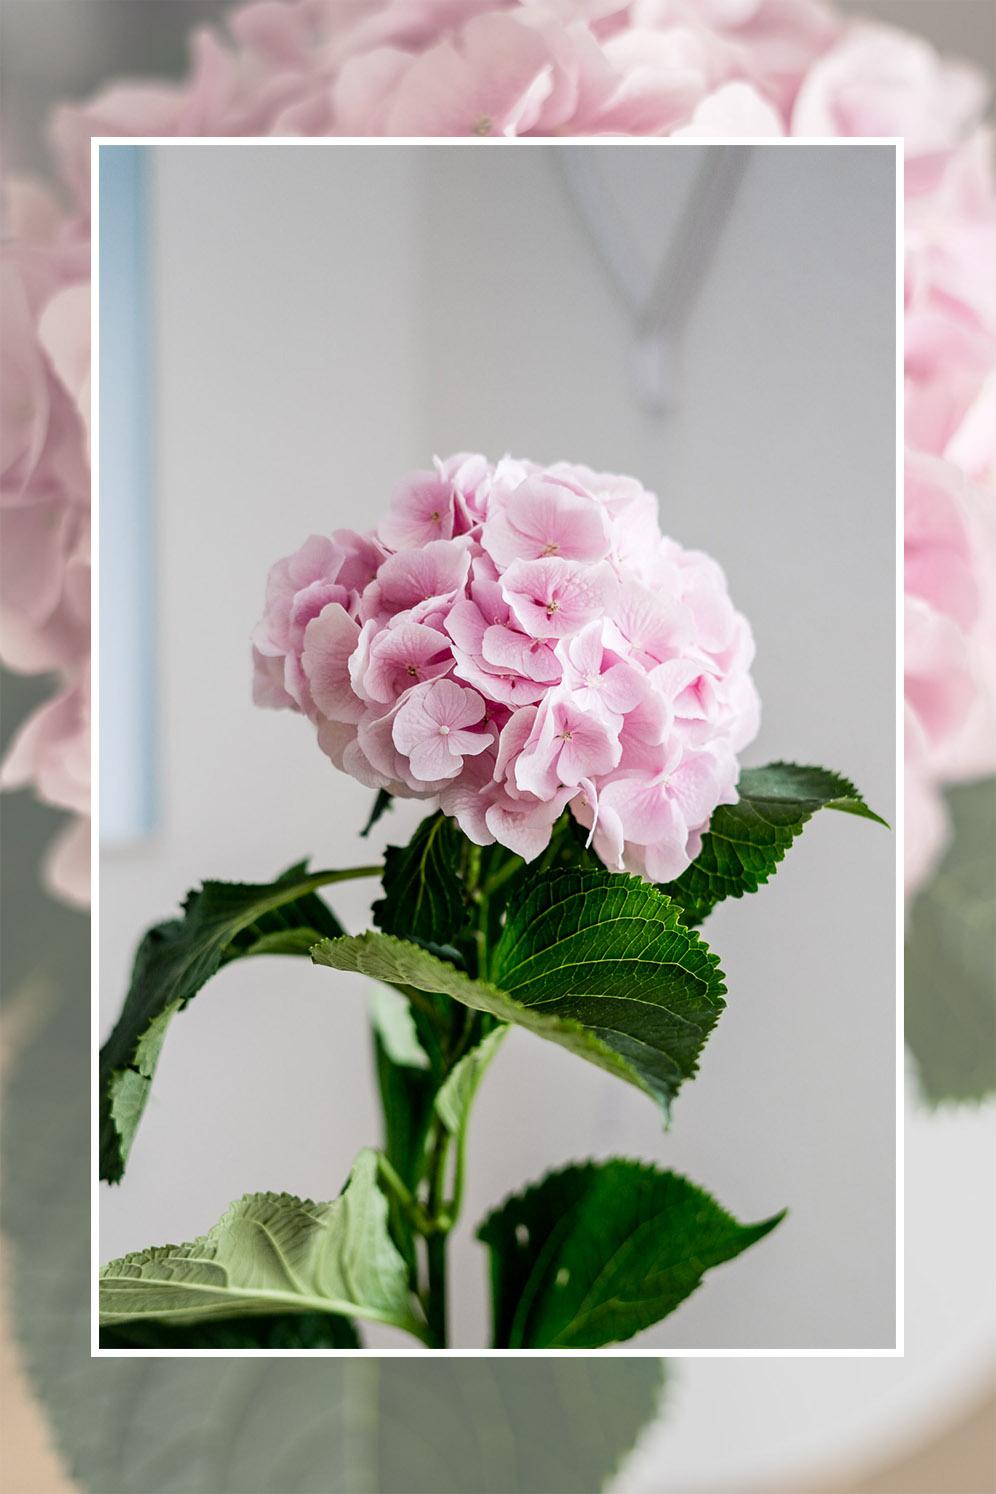 Hortensie in rosa